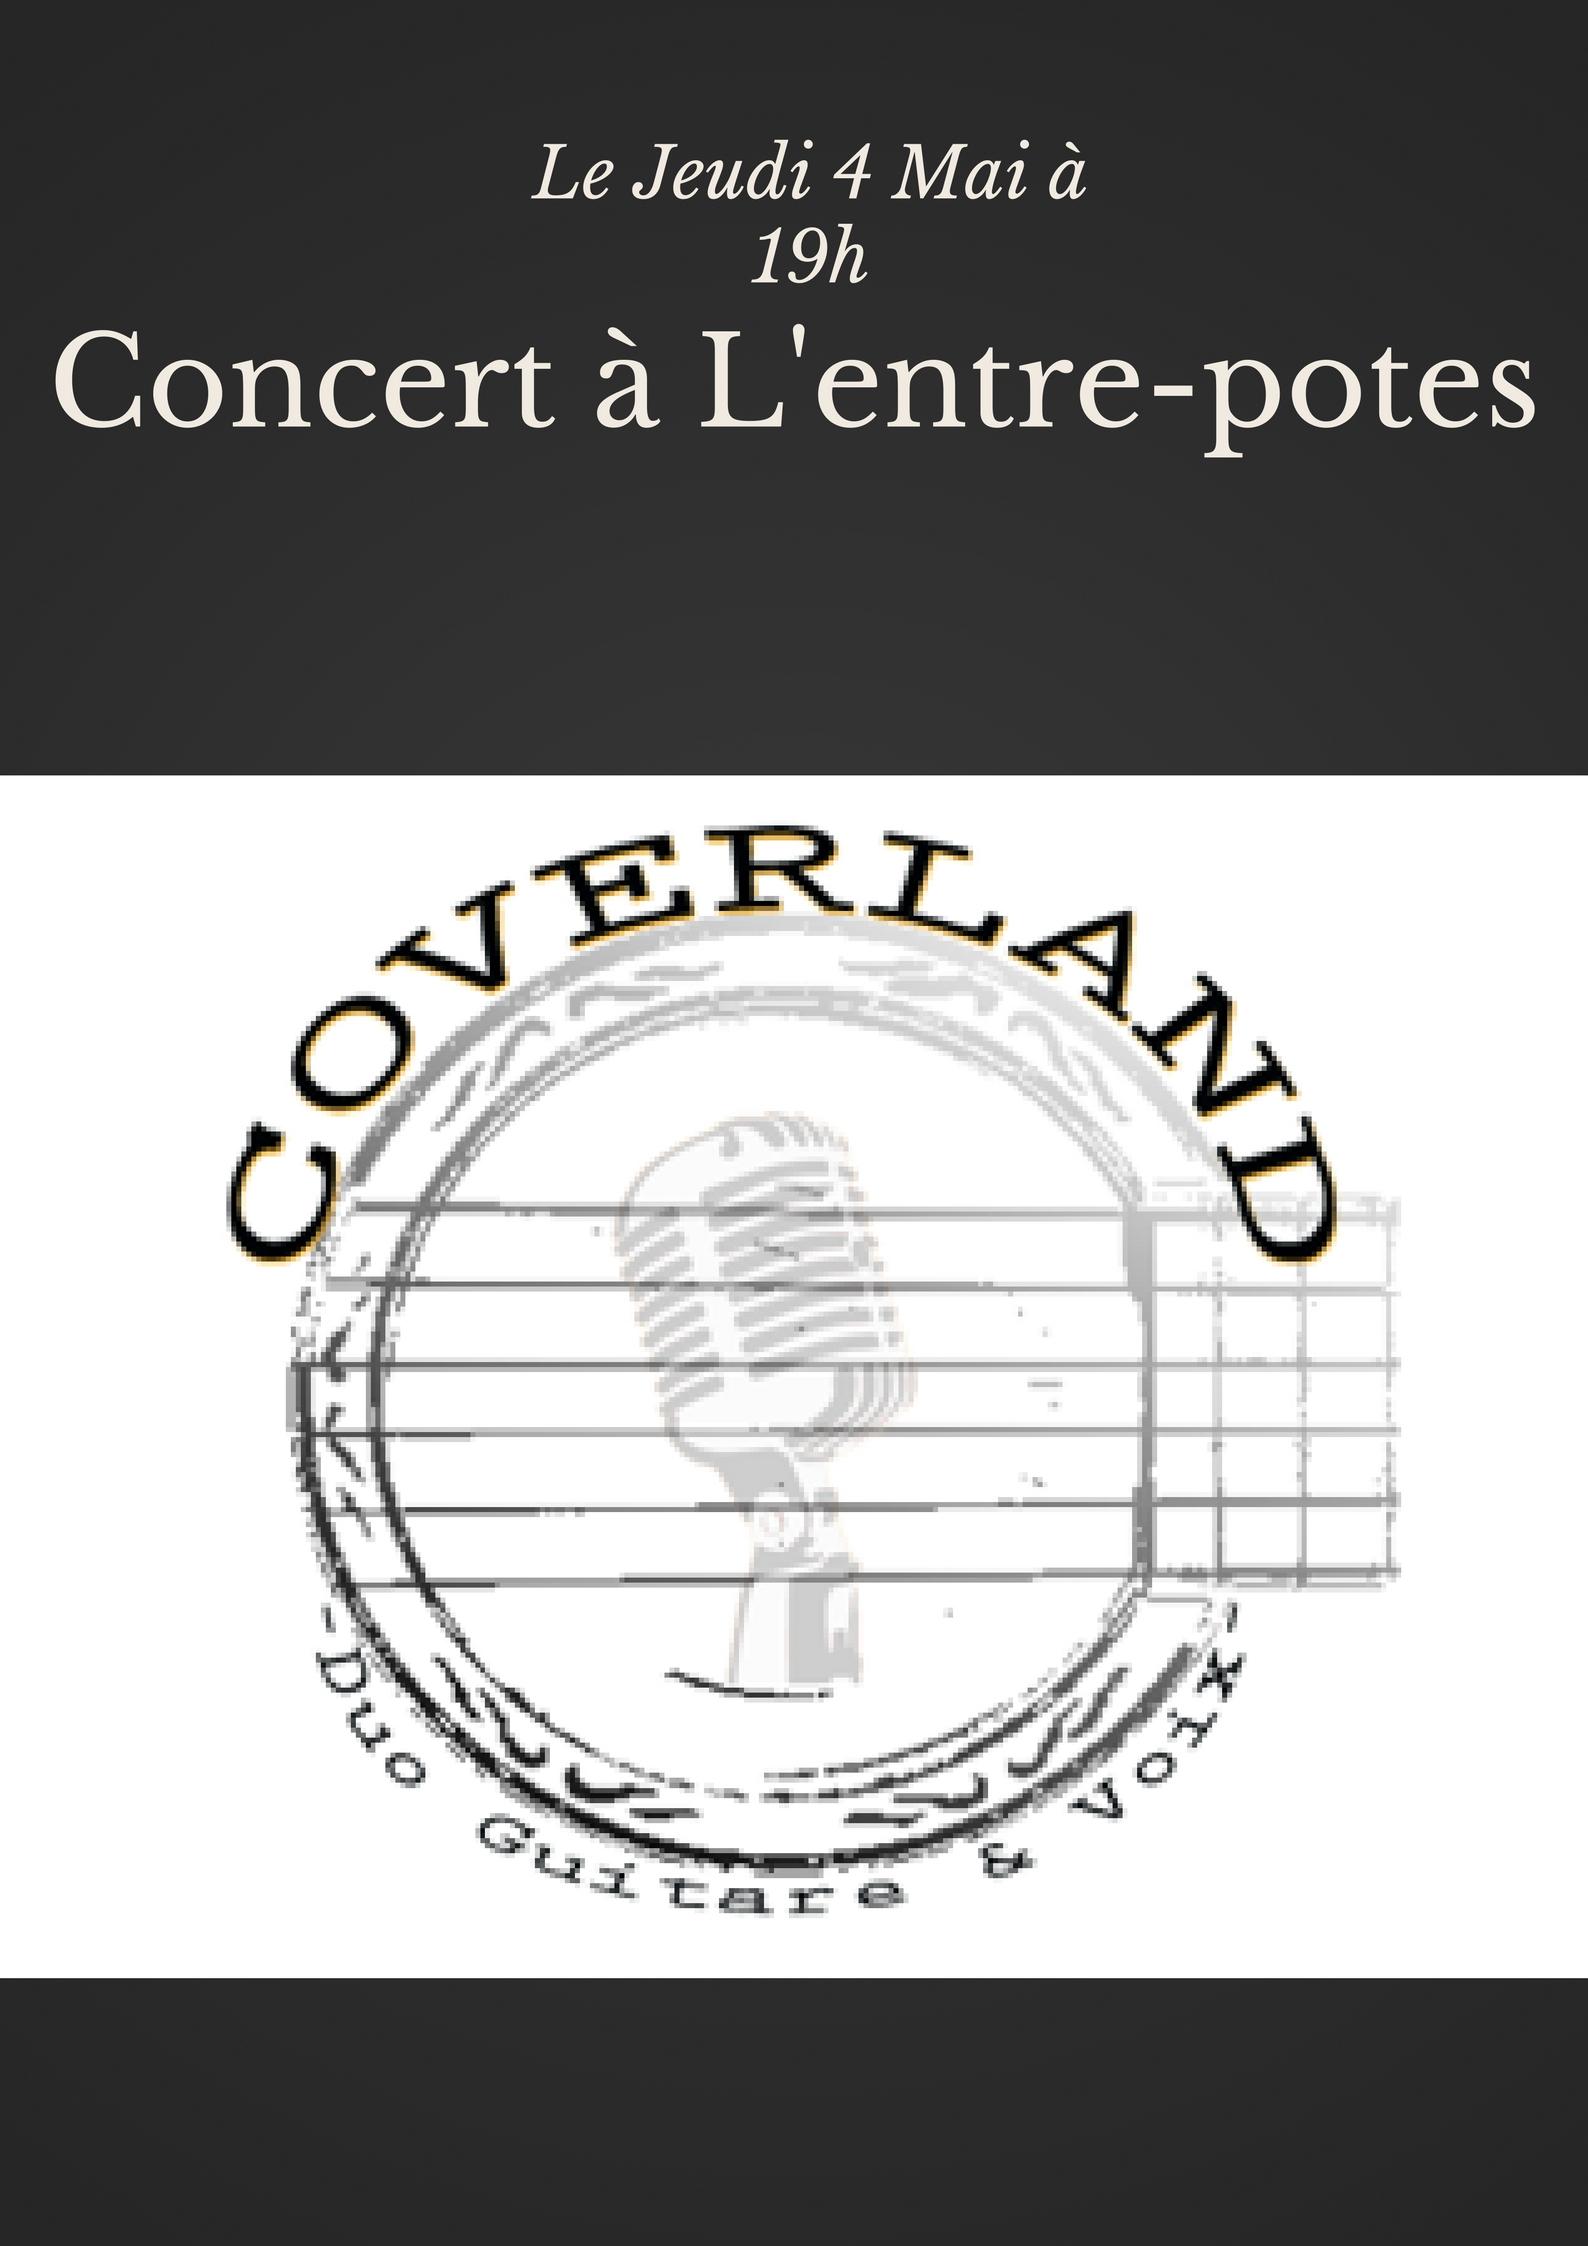 CONCERT A L'ENTRE-POTES LE 4 MAI : THE COVERLAND!!!